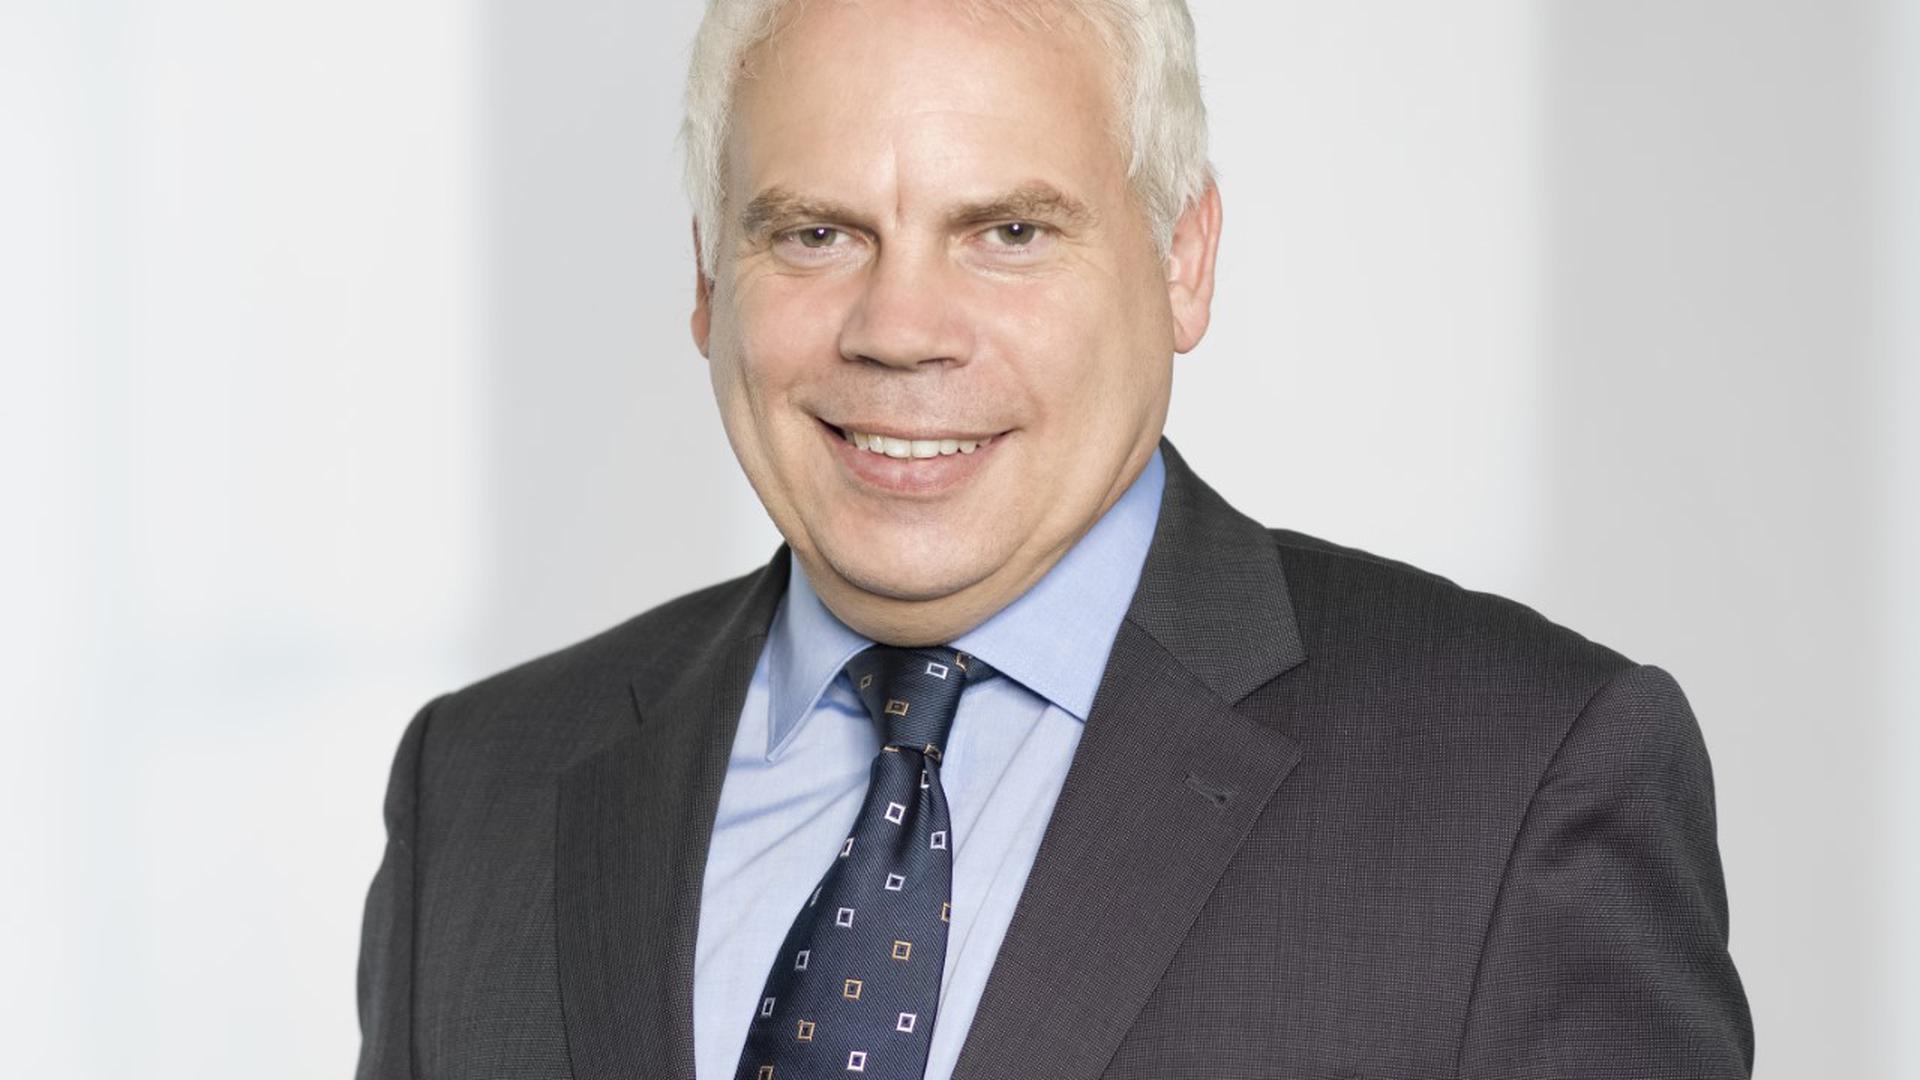 Fordert Fusion: Matthias Lieb, Vorsitzender des ökologischen Verkehrsclubs VCD hält den Zusammenschluss des VPE mit einem Nachbars-Verbund für sinnvoll.